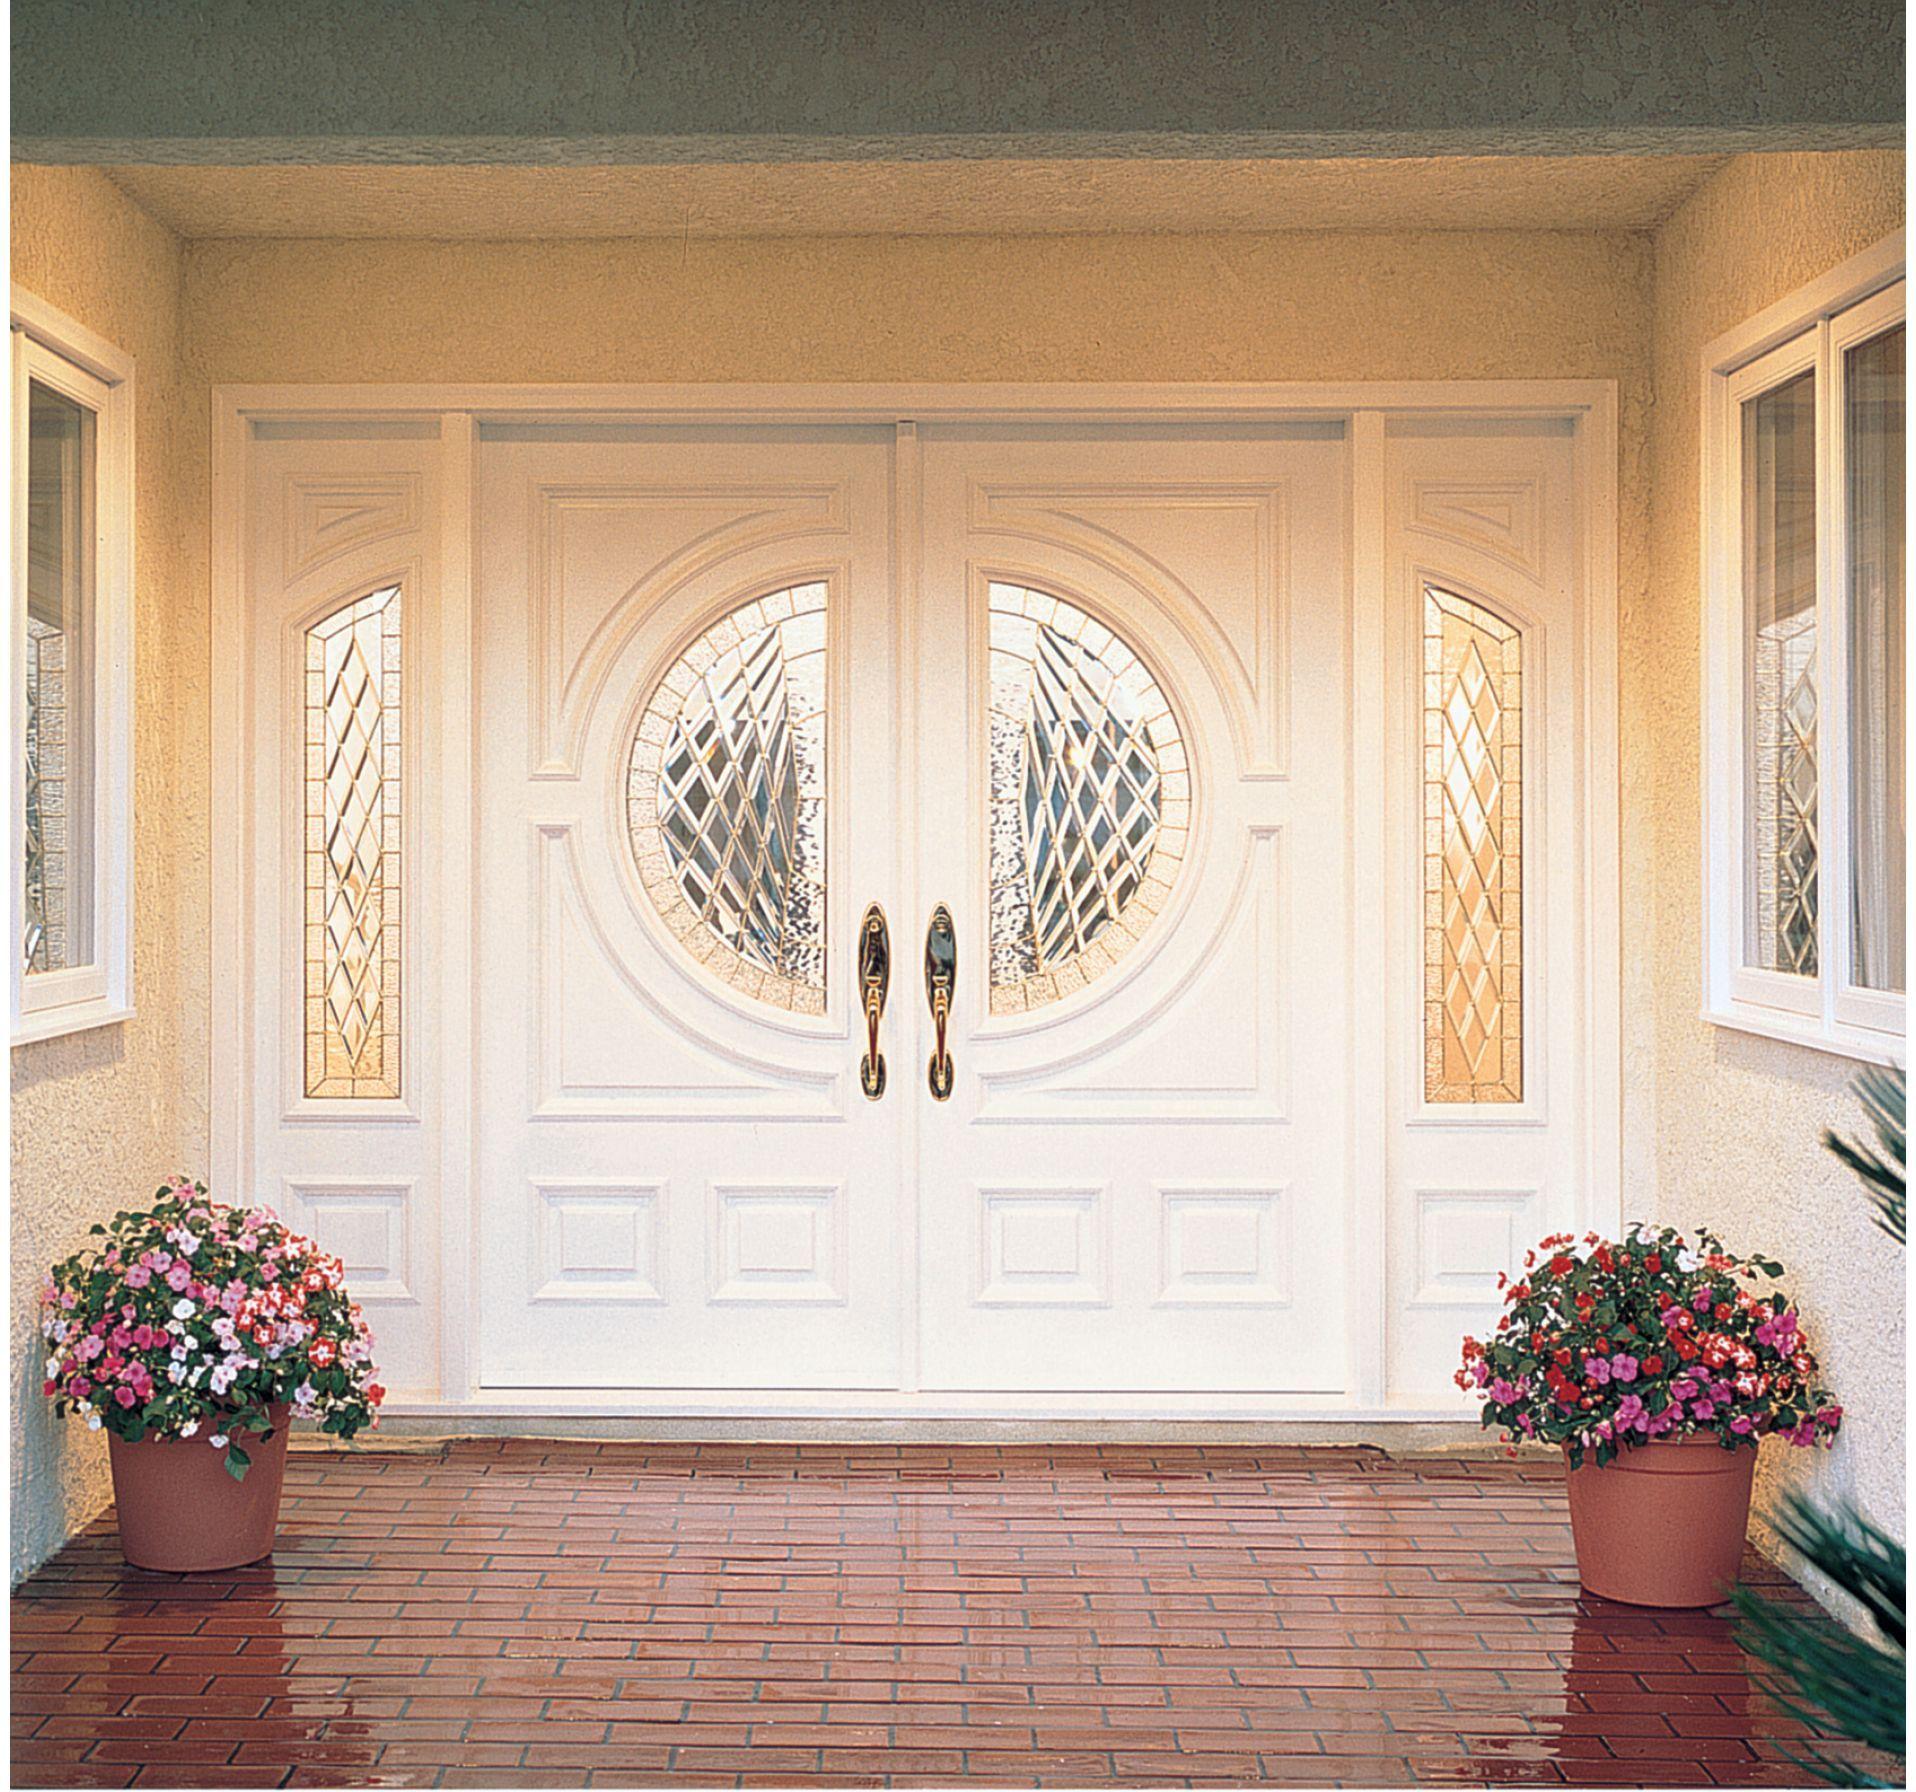 Aurora Custom Fiberglass Jeld Wen Doors Windows Puertas De Entrada De Madera Puertas Principales Puertas Delanteras